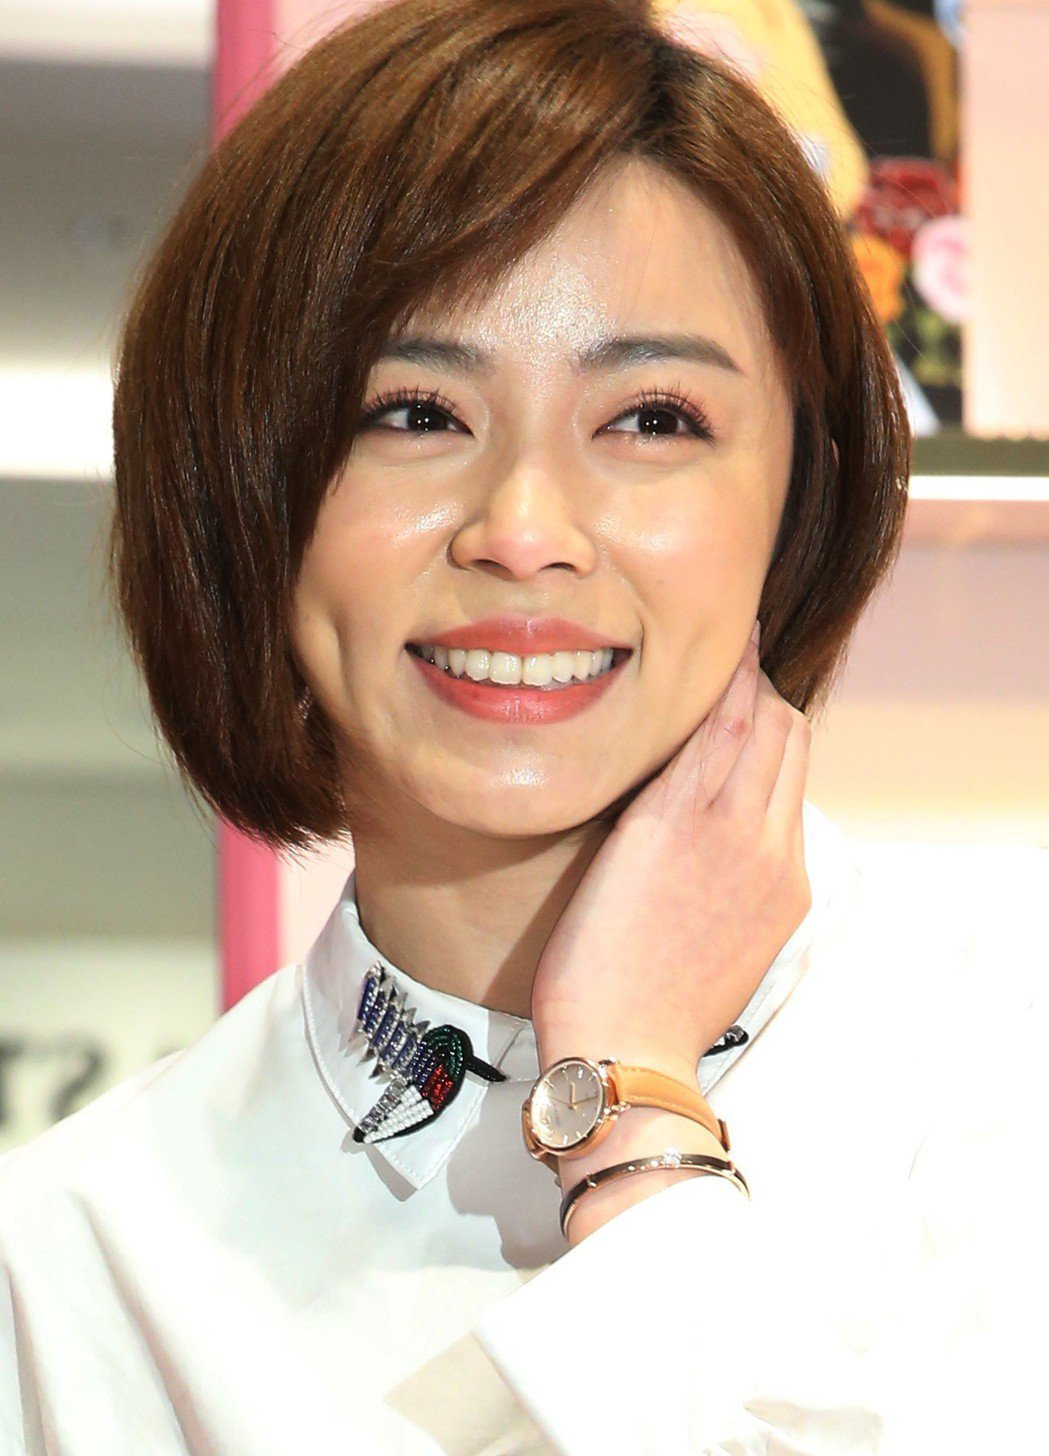 王瞳代言韓國時尚潮牌High Cheeks進駐台灣活動。記者林俊良/攝影